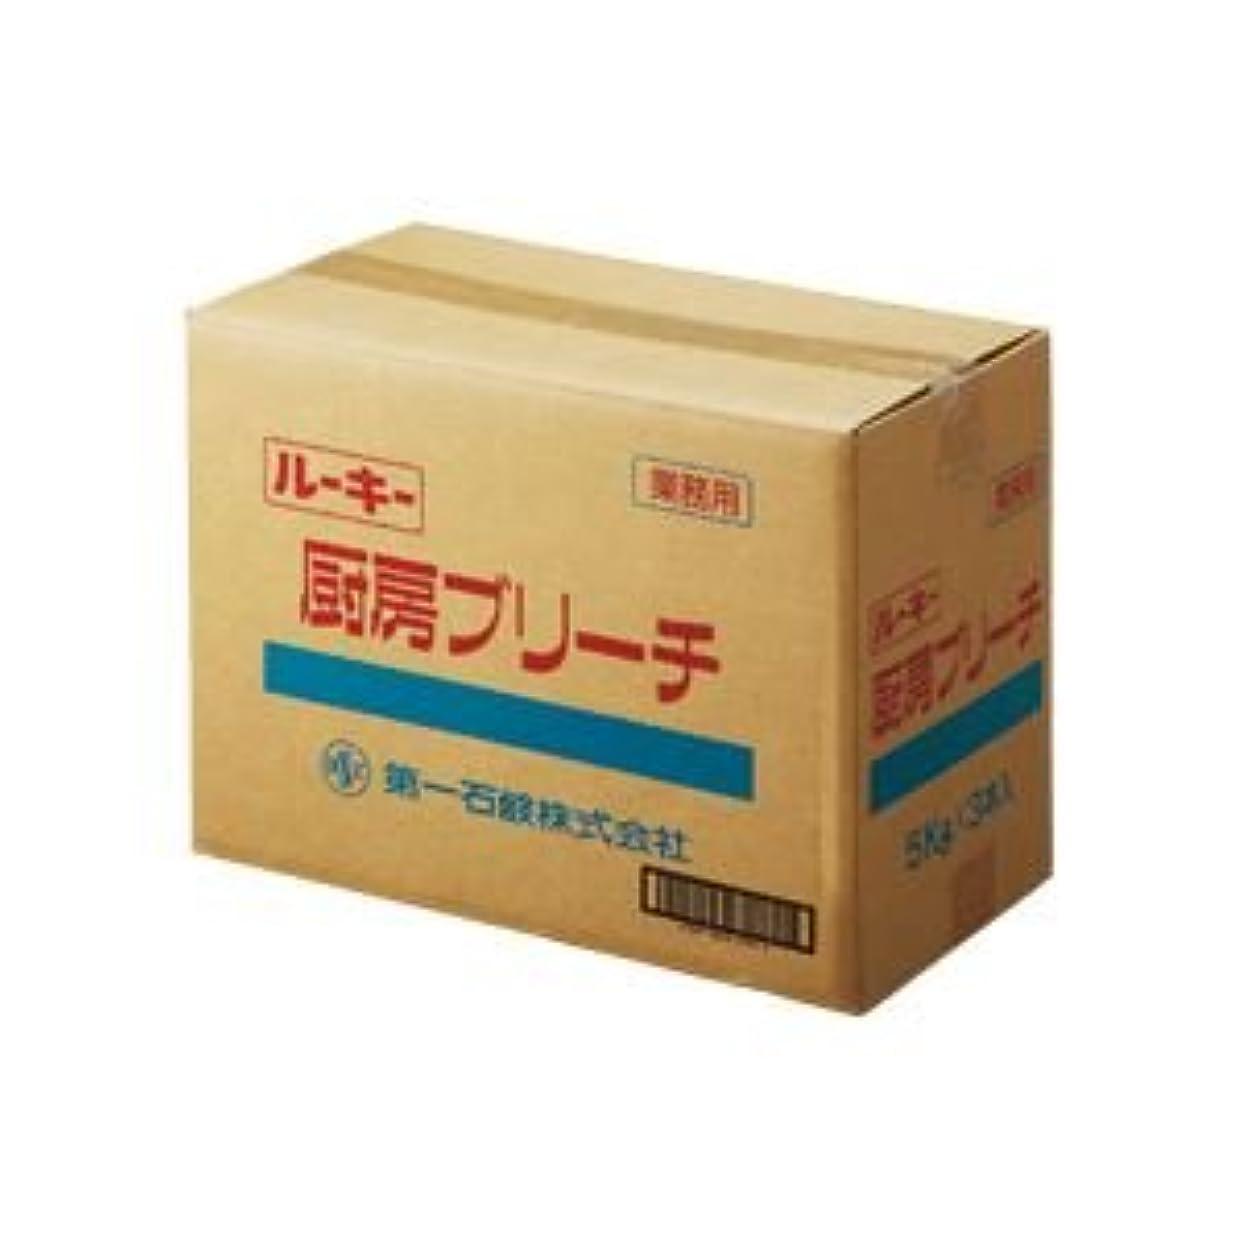 (まとめ) 第一石鹸 ルーキー 厨房ブリーチ 業務用 5kg/本 1セット(3本) 【×2セット】